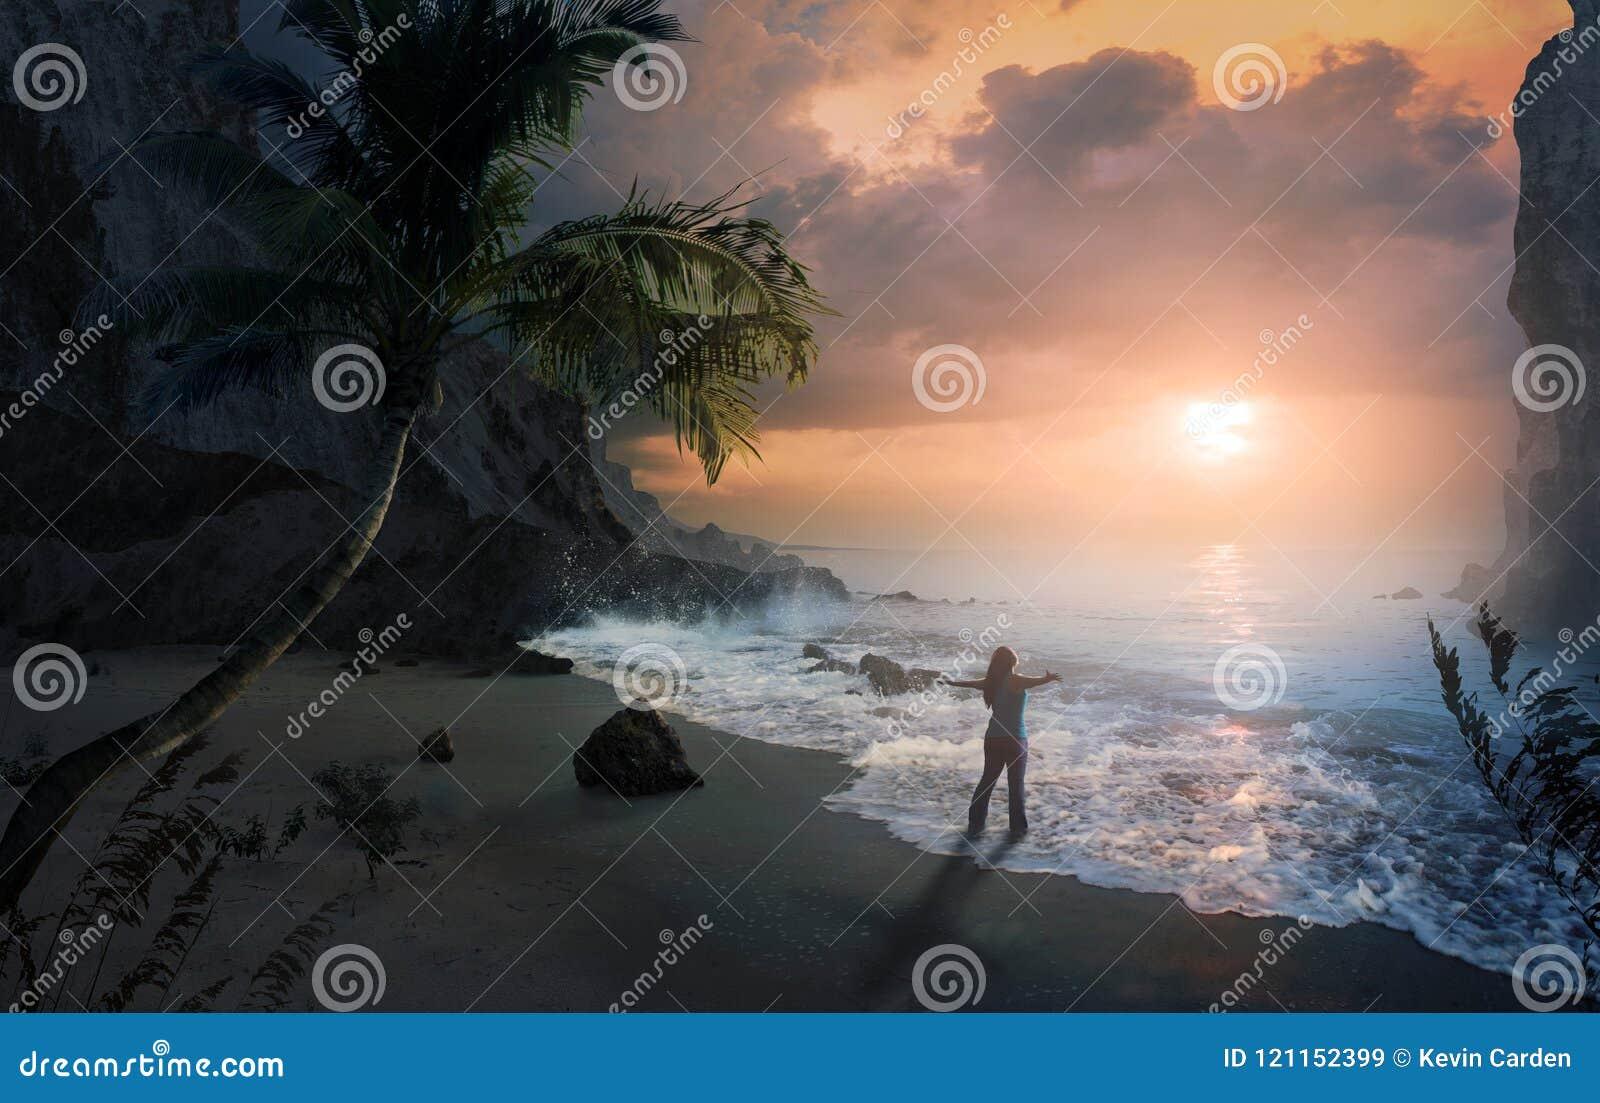 在海滩的称赞